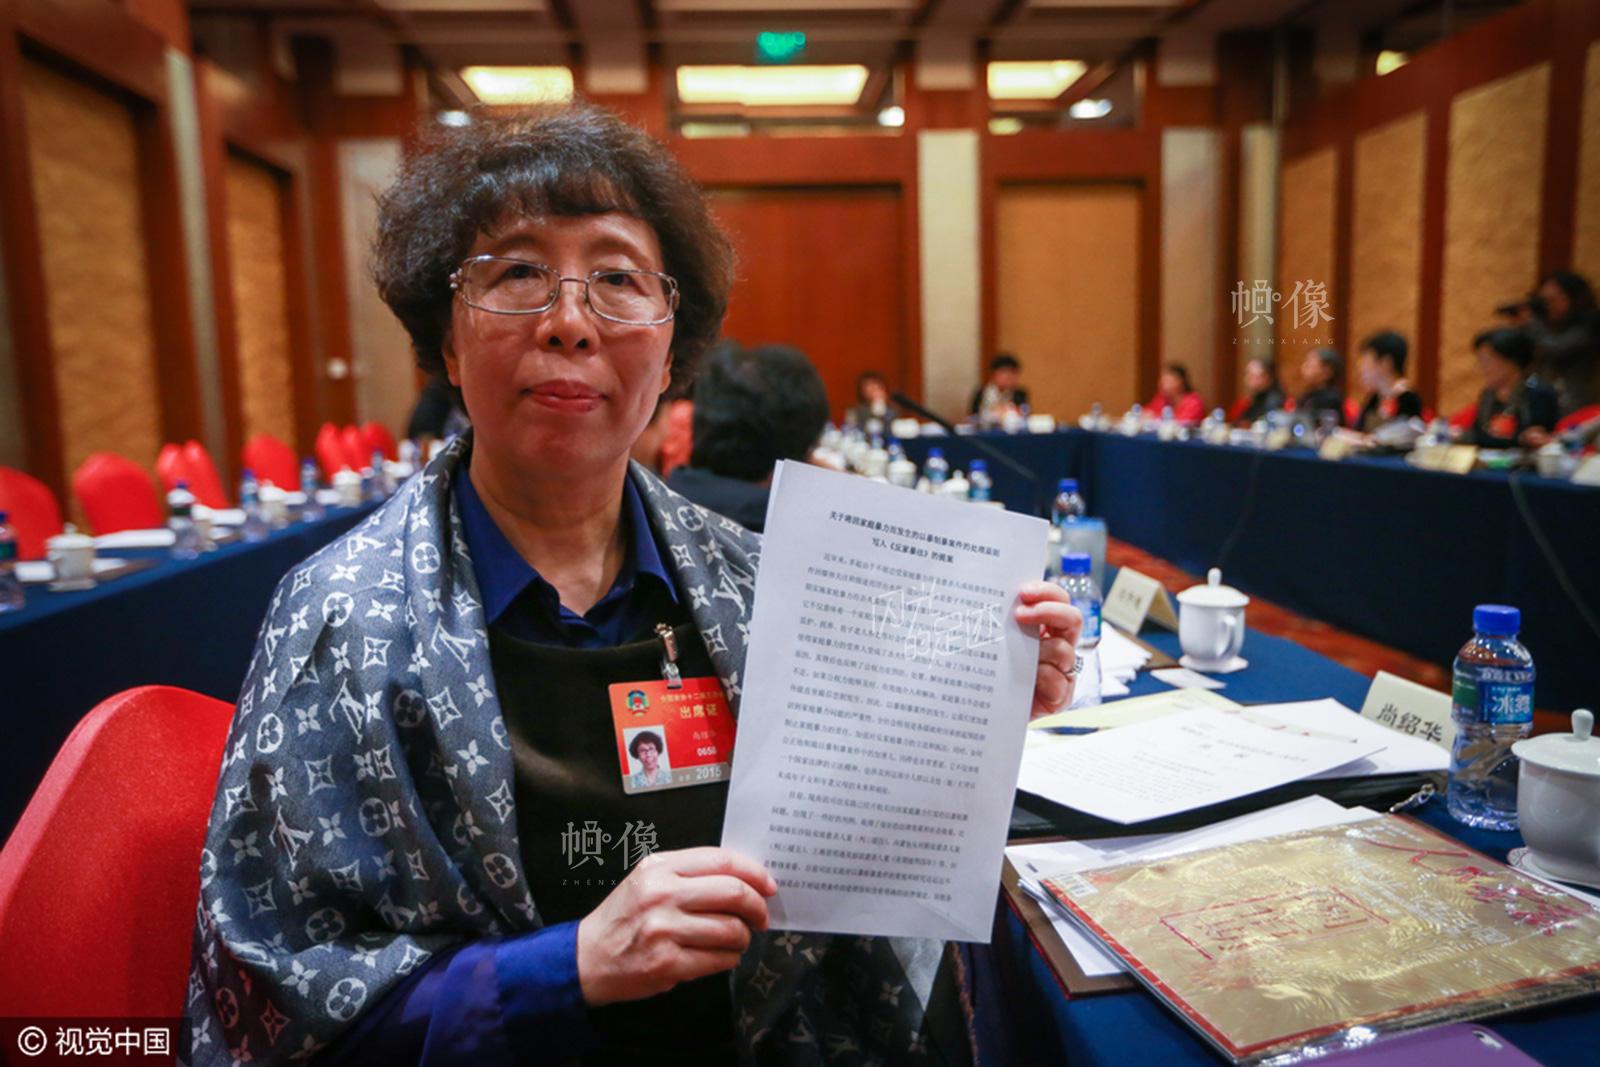 """2015年3月6日,北京市,全国政协委员尚绍华带来""""关于将因家庭暴力而发生的以暴制暴案件的处理原则写入《反家暴法》的提案""""。她之前曾7次带来关于""""尽快制定《家庭暴力防治法》""""的提案,多年来一直坚持不懈地推动""""家庭暴力""""立法。(视觉中国)"""